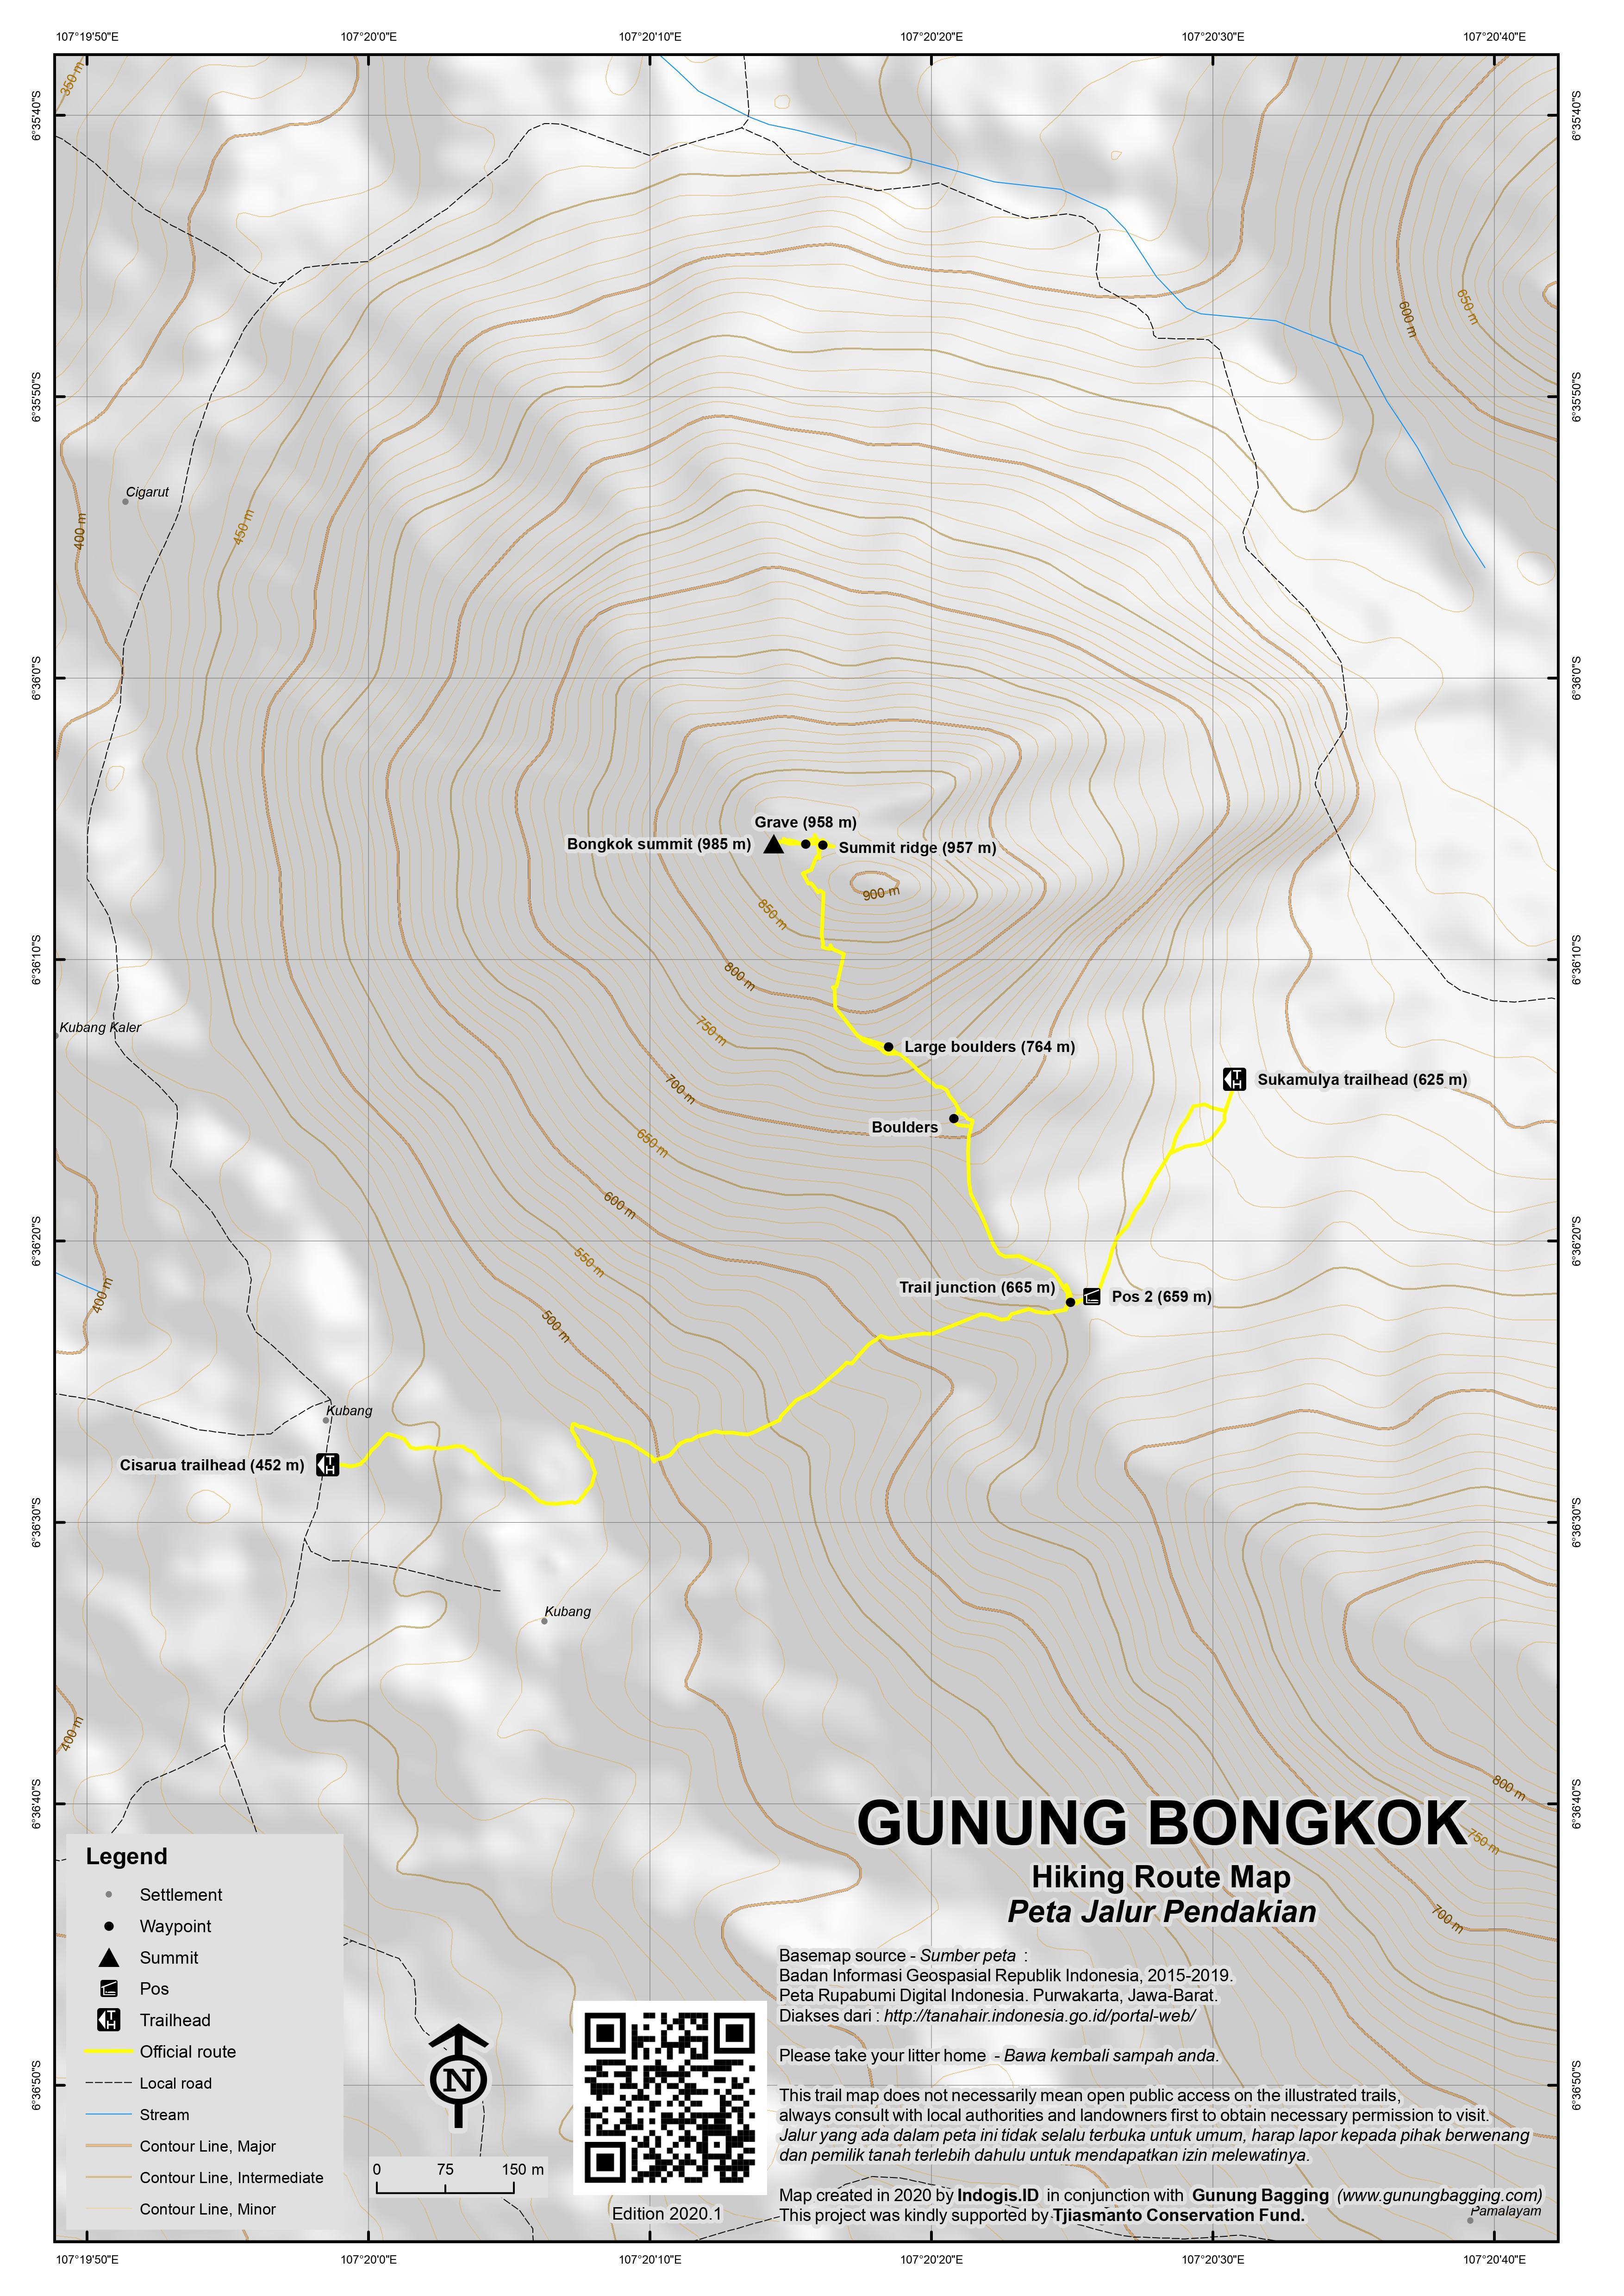 Peta Jalur Pendakian Gunung Bongkok